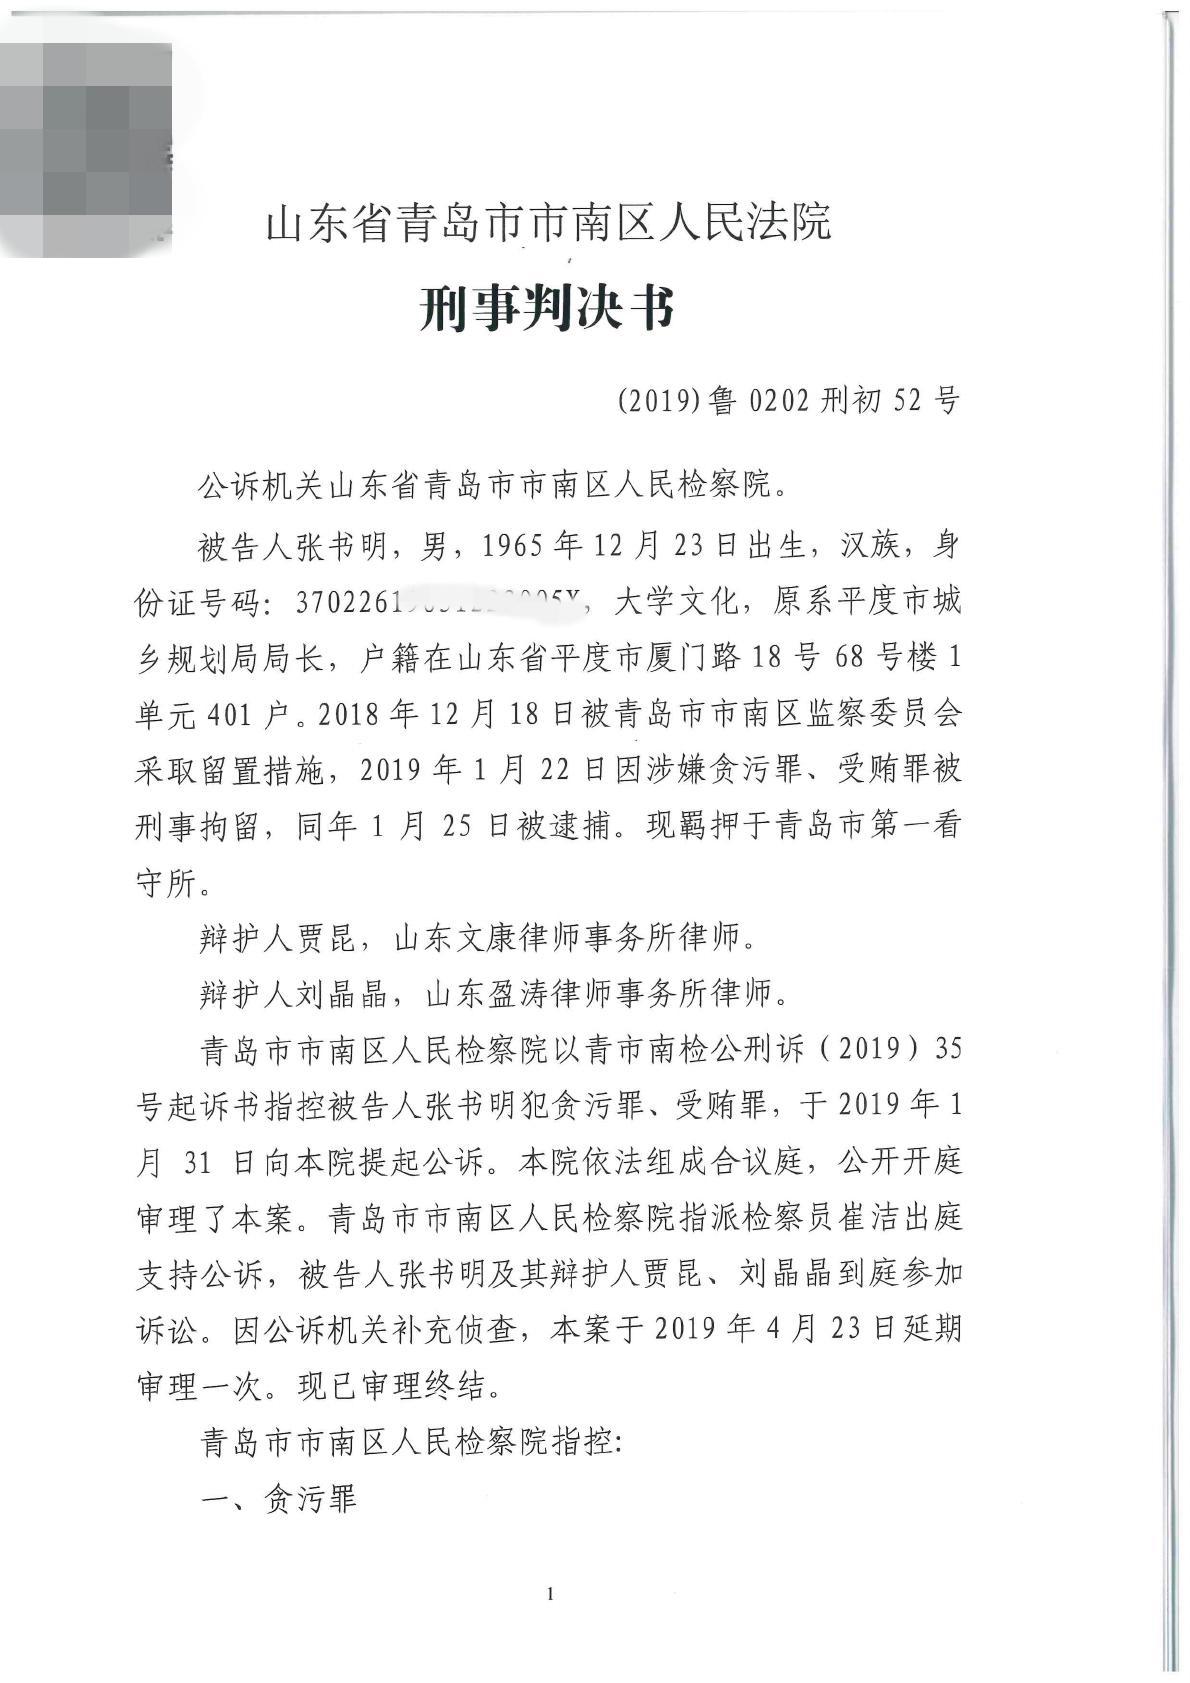 30人输送利益平度城乡规划局长获刑10年 青岛腾远设计事务所设计师行贿18万